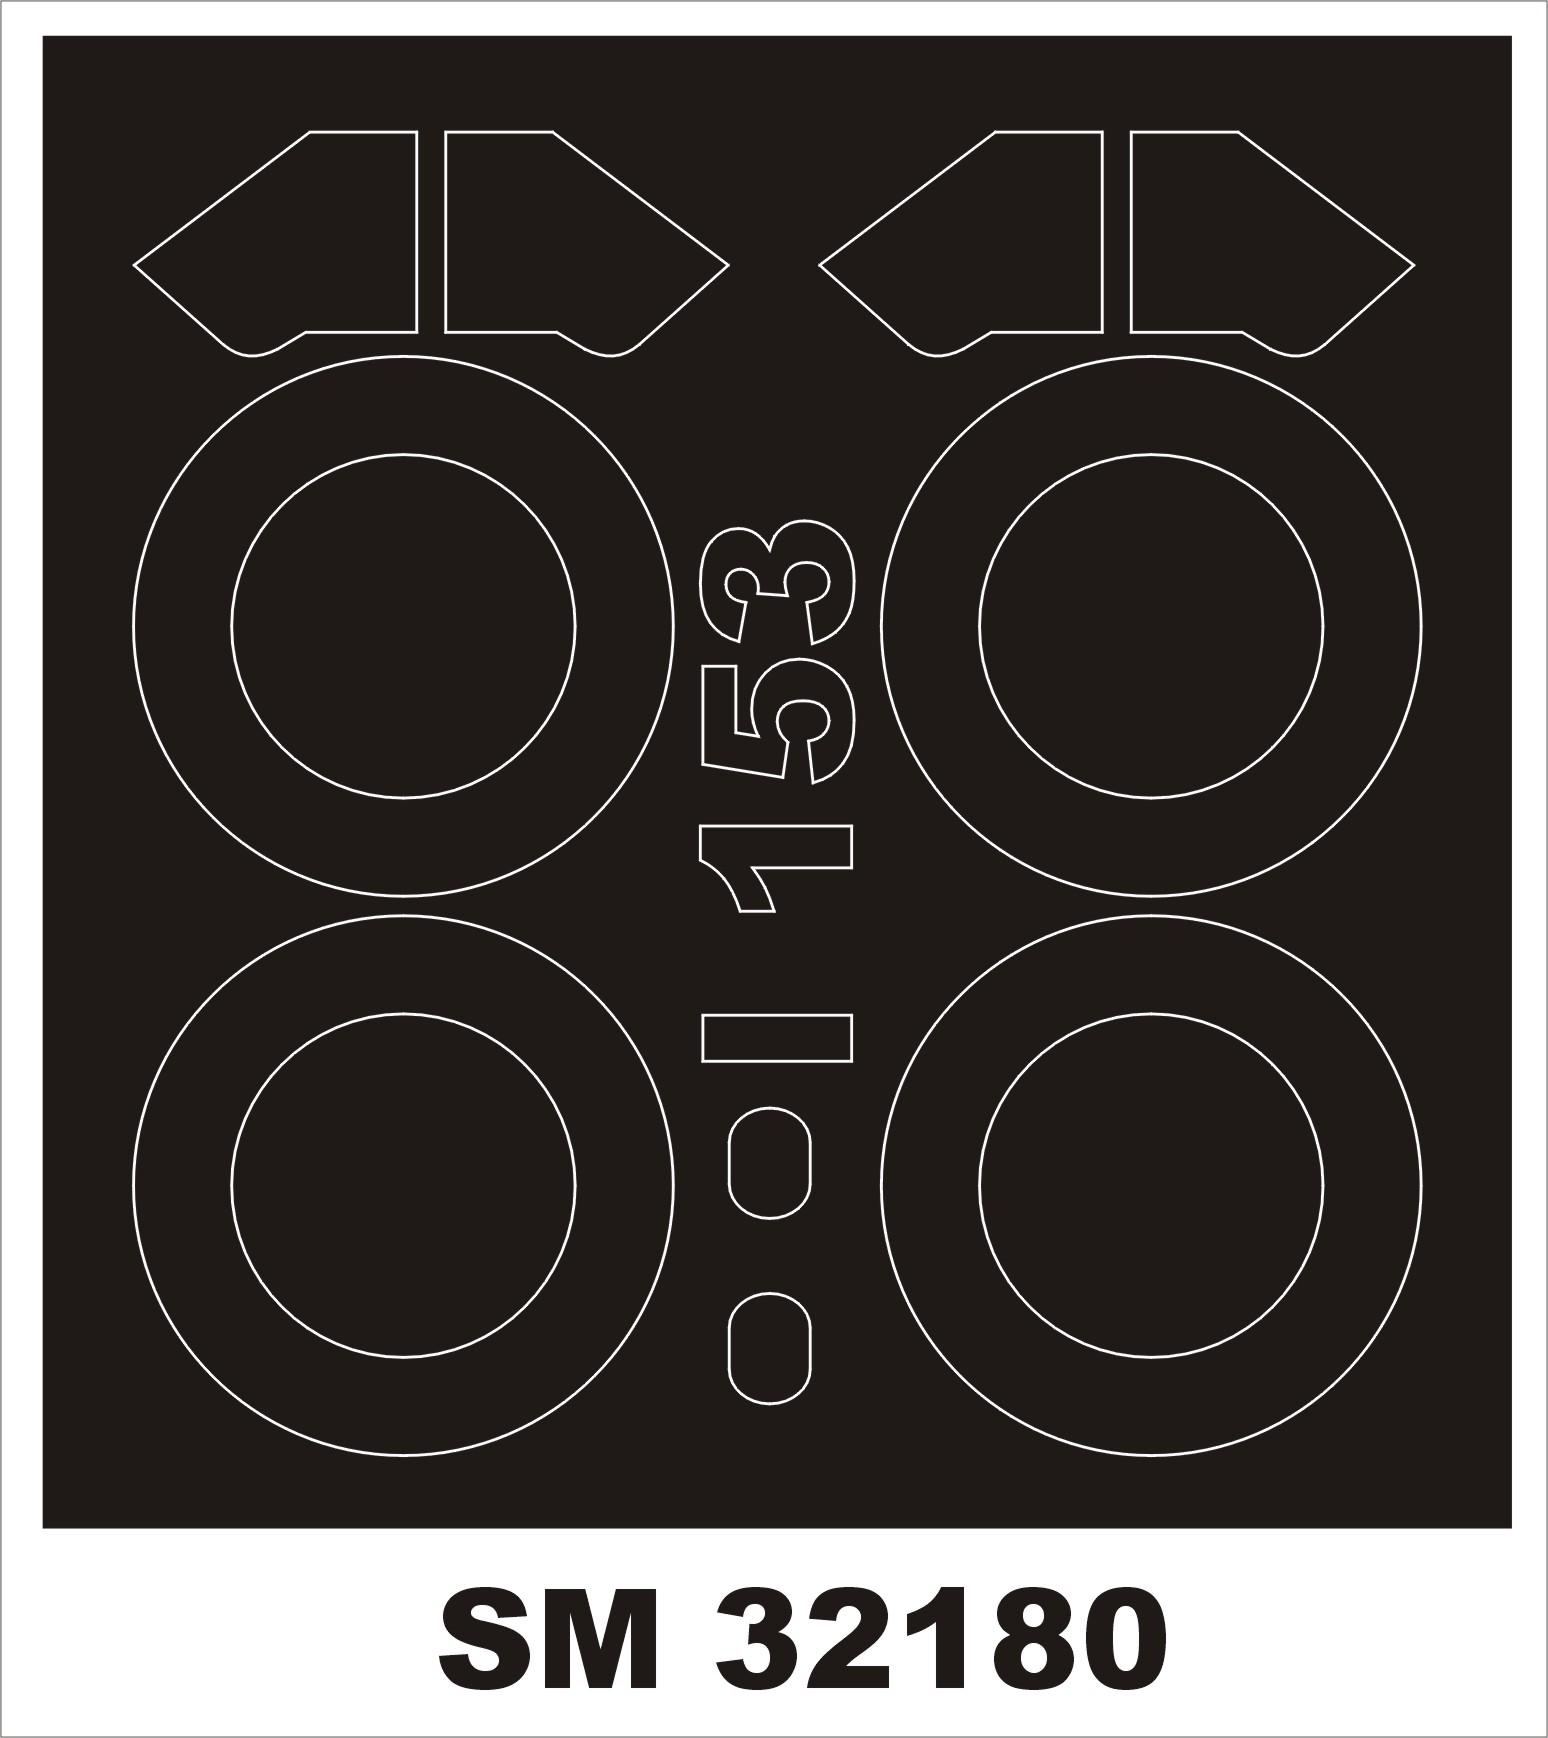 MXSM32180